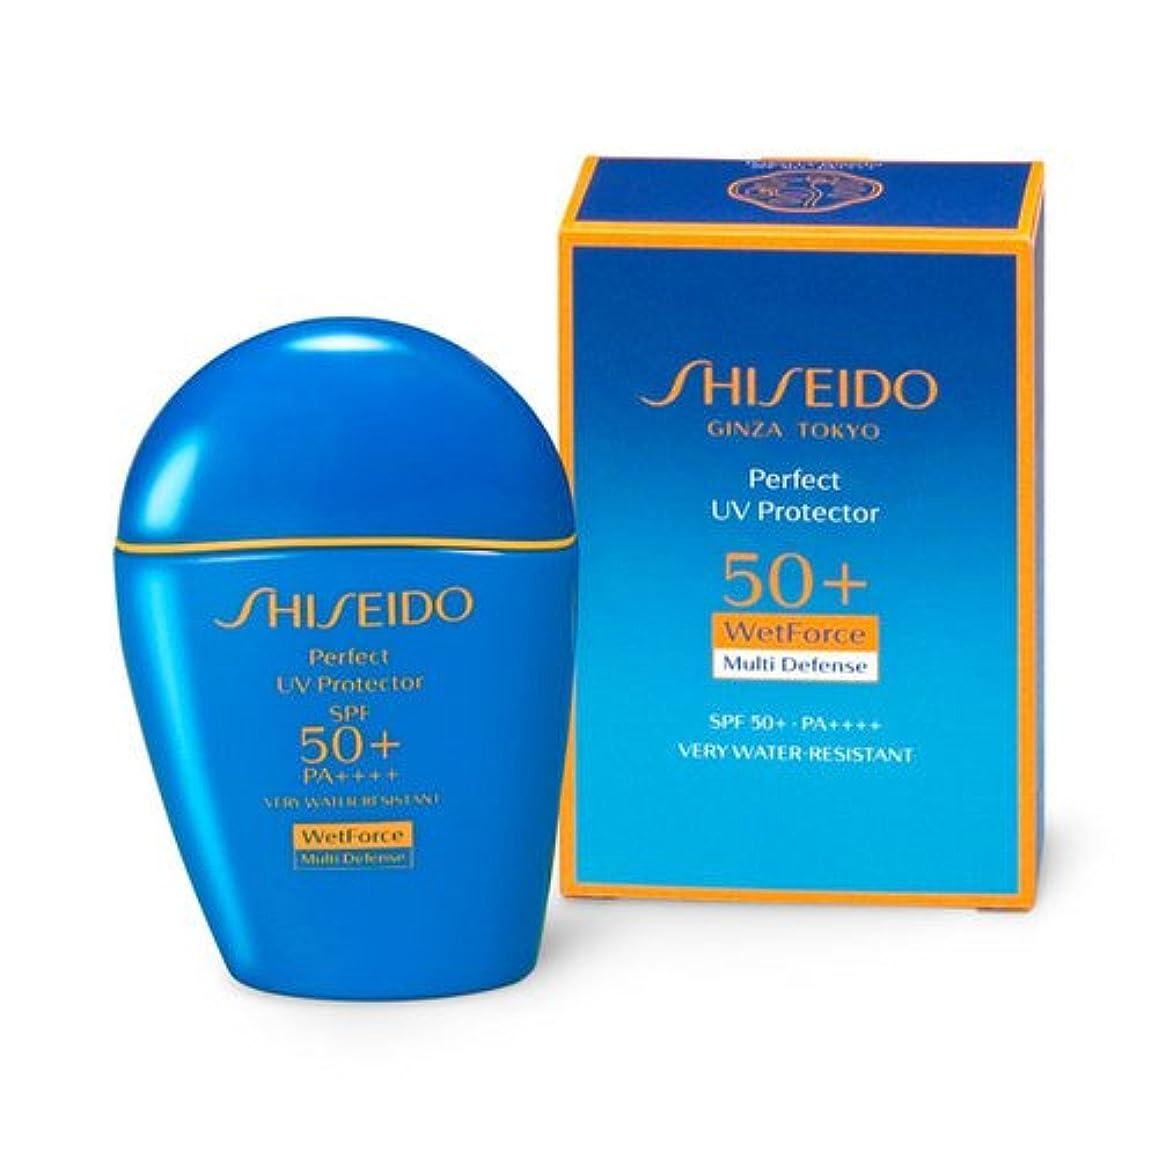 感情の証書許すSHISEIDO Suncare(資生堂 サンケア) SHISEIDO(資生堂) パーフェクト UVプロテクター 50mL